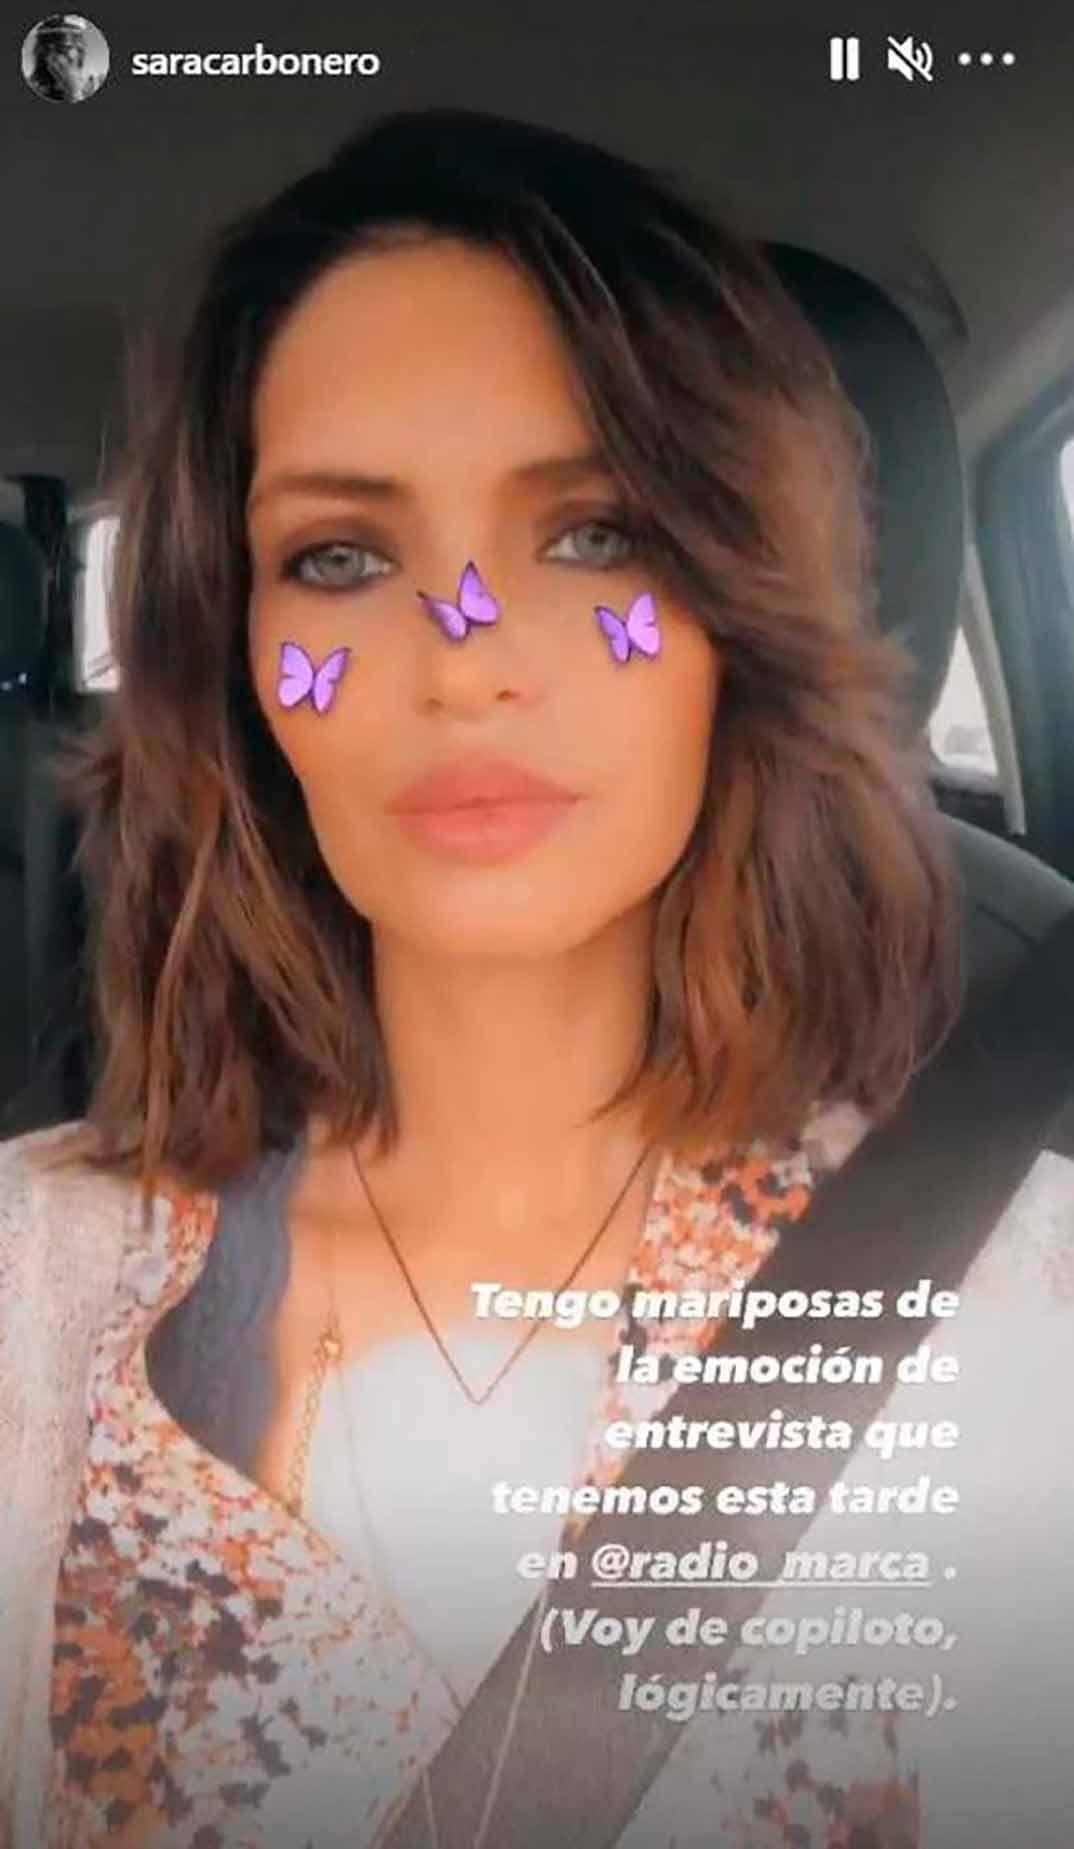 Sara Carbonero © Instagram